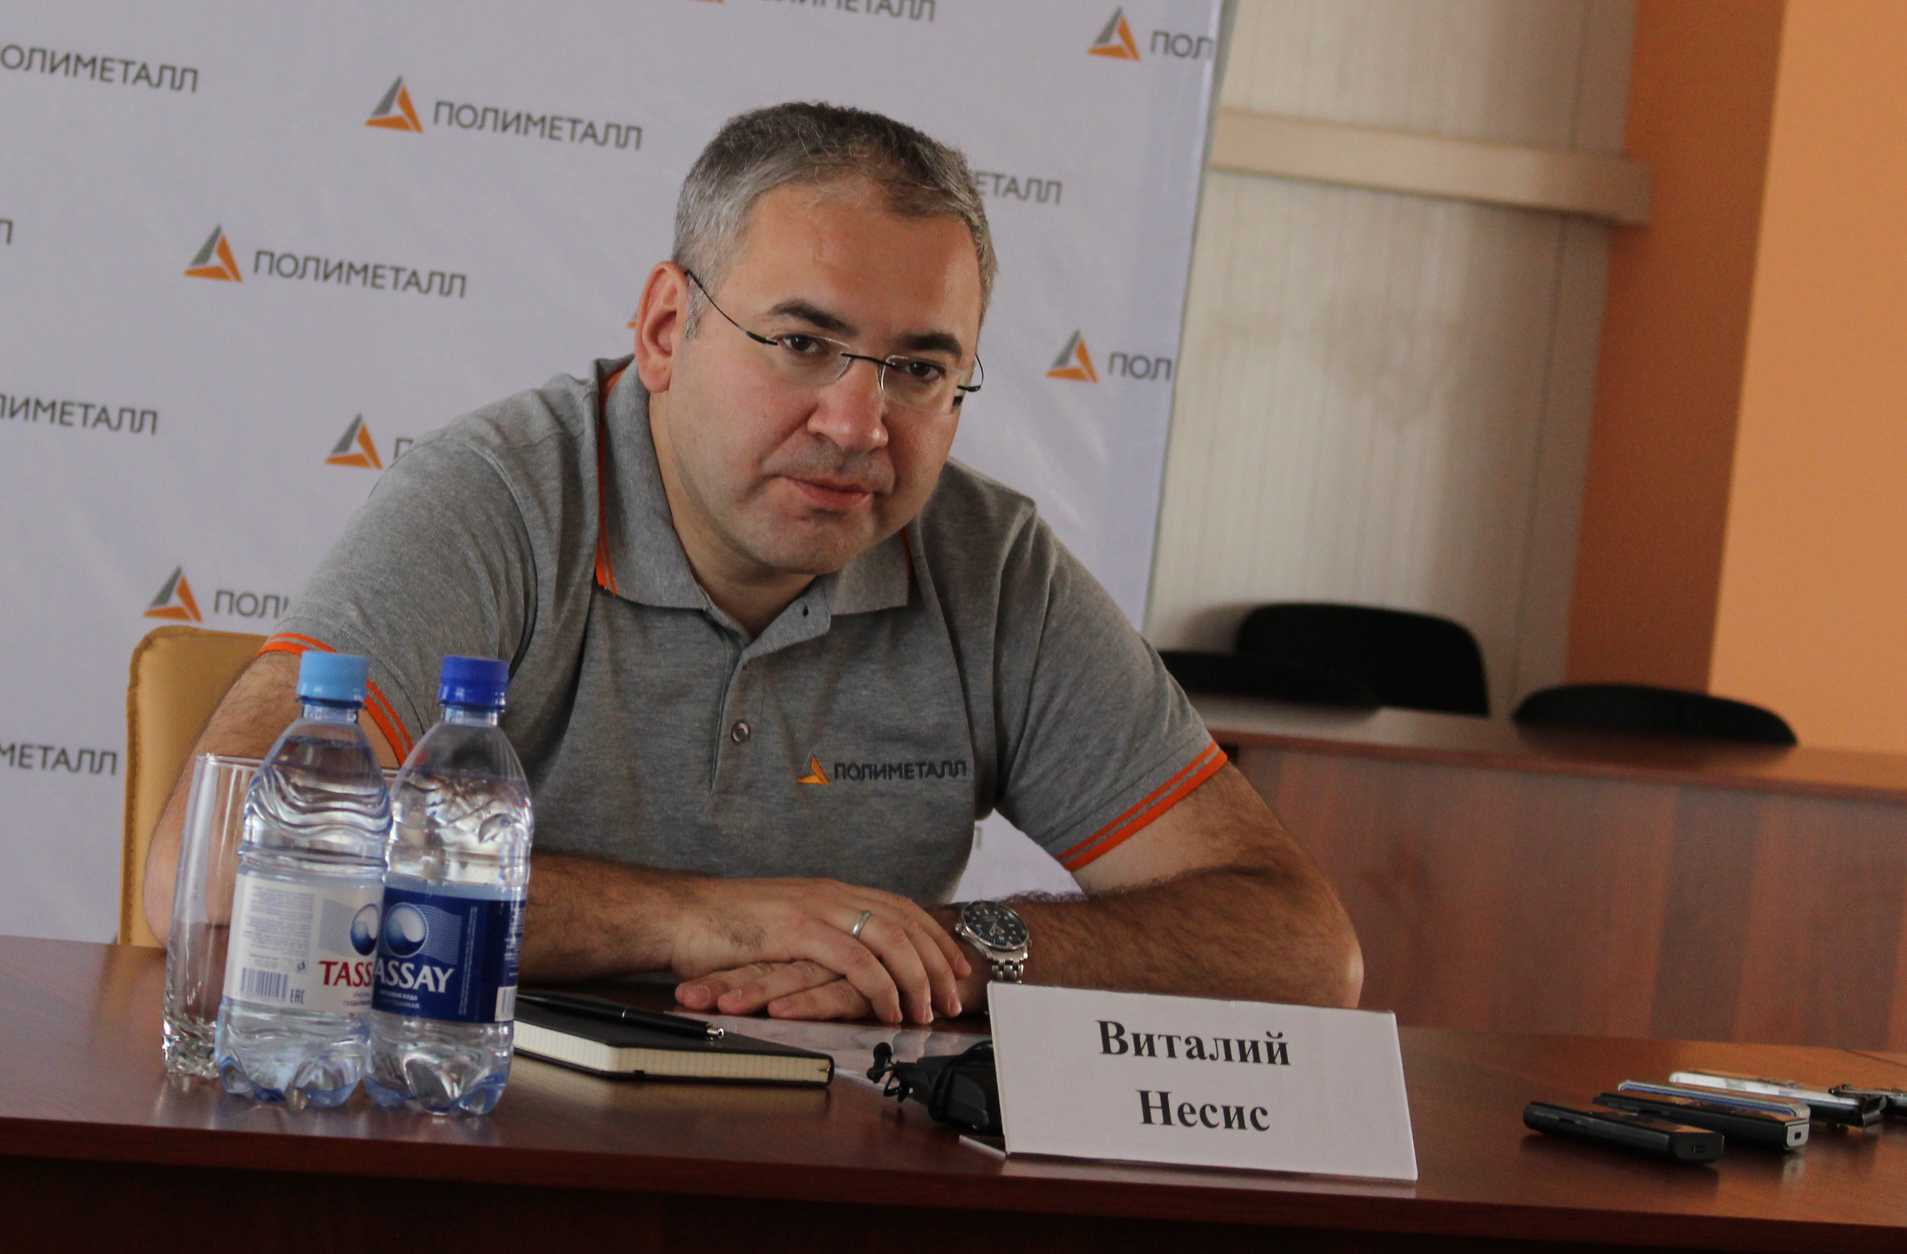 Виталий НЕСИС, генеральный директор Polymetal International